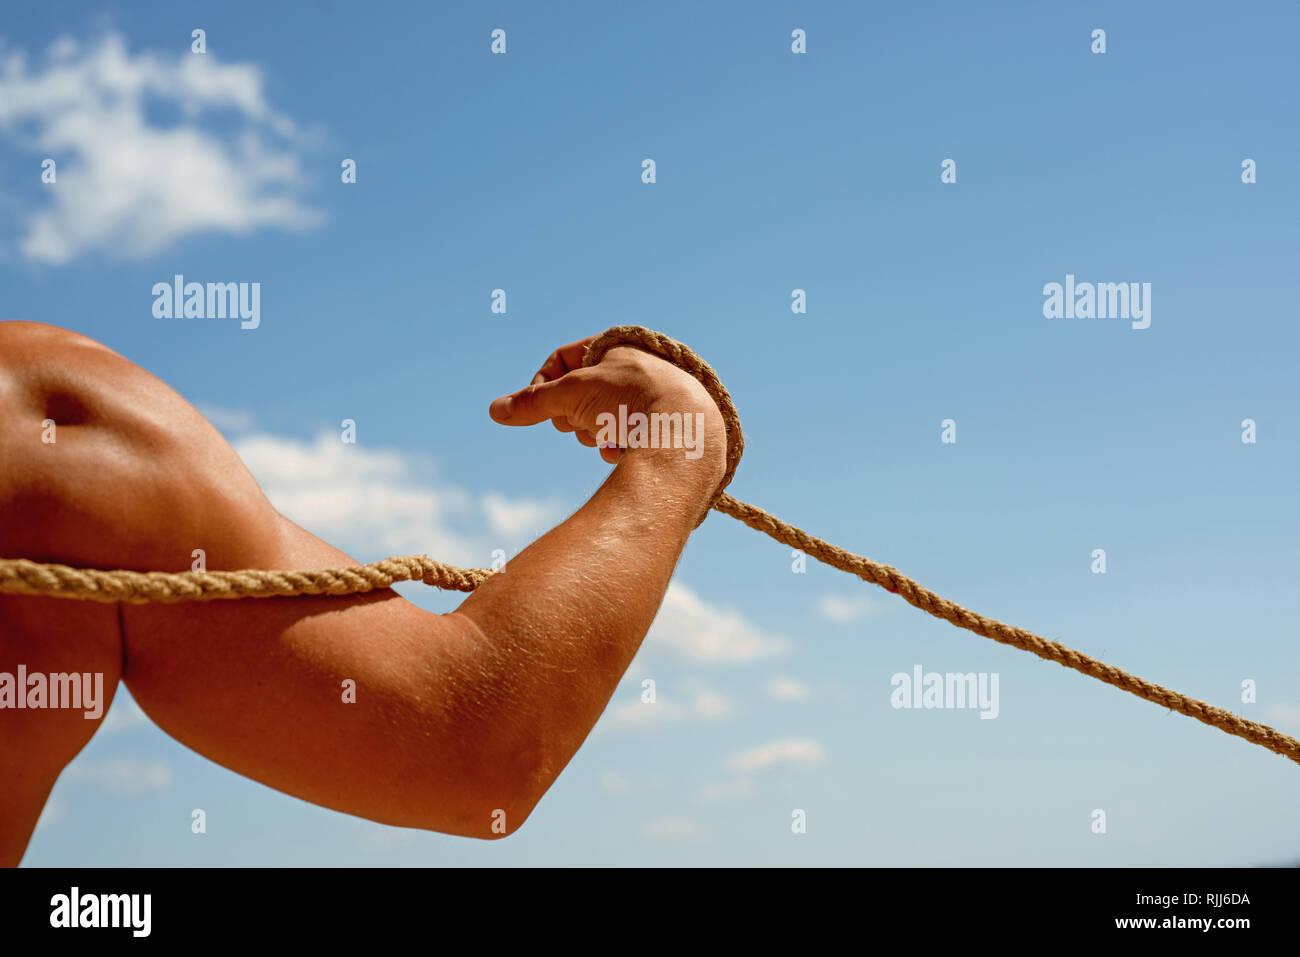 Ganando músculo. La formación deportiva. Brazo fuerte y hombros tirando de la cuerda. Prueba de fuerza muscular. La fuerza física y la fuerza muscular. Deporte y Imagen De Stock